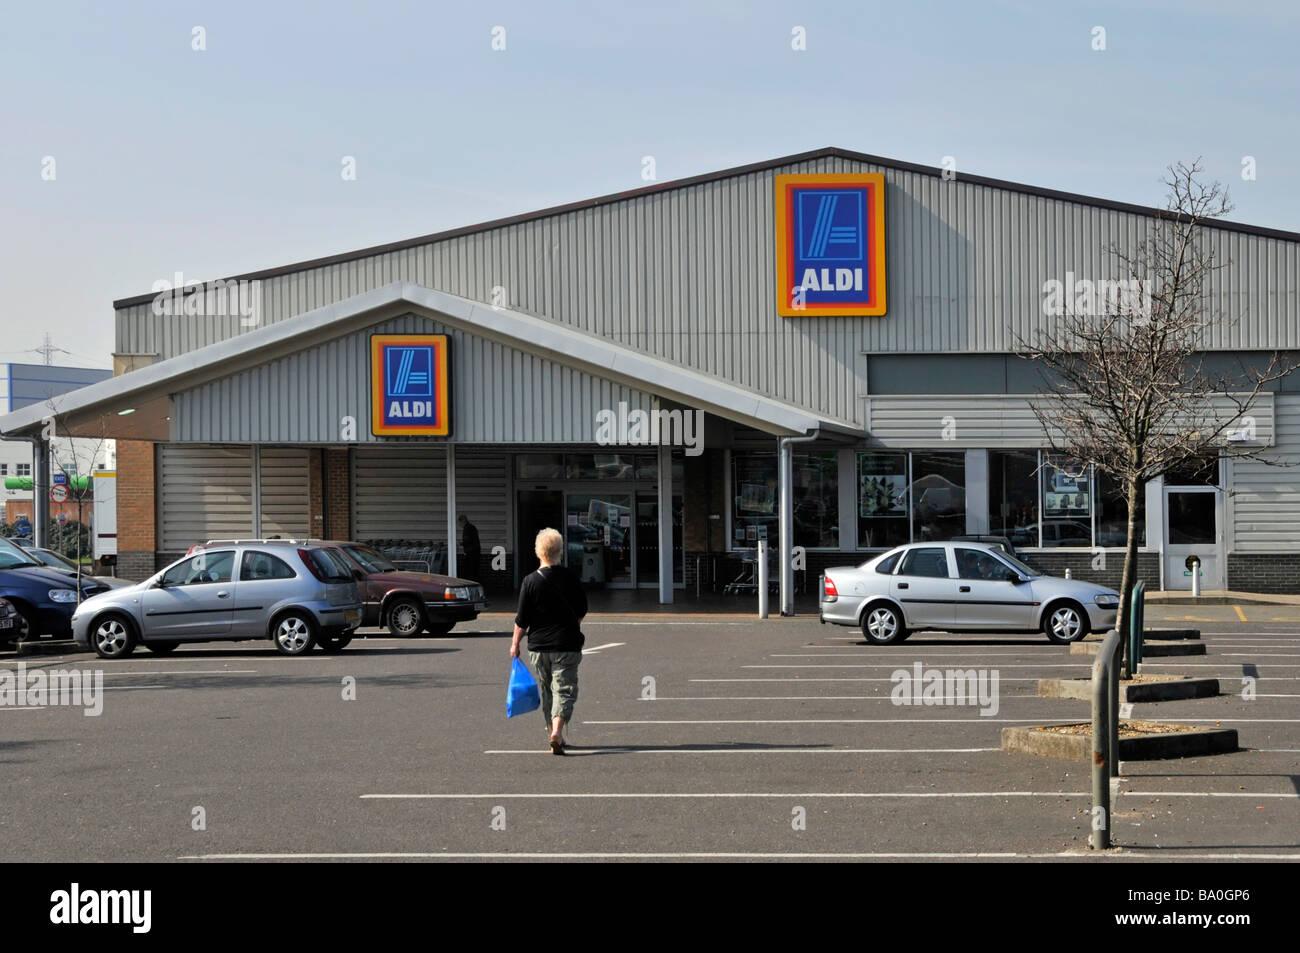 Supermercado ALDI almacenar y parte de amplio aparcamiento gratuito Imagen  De Stock e465c38c002f4